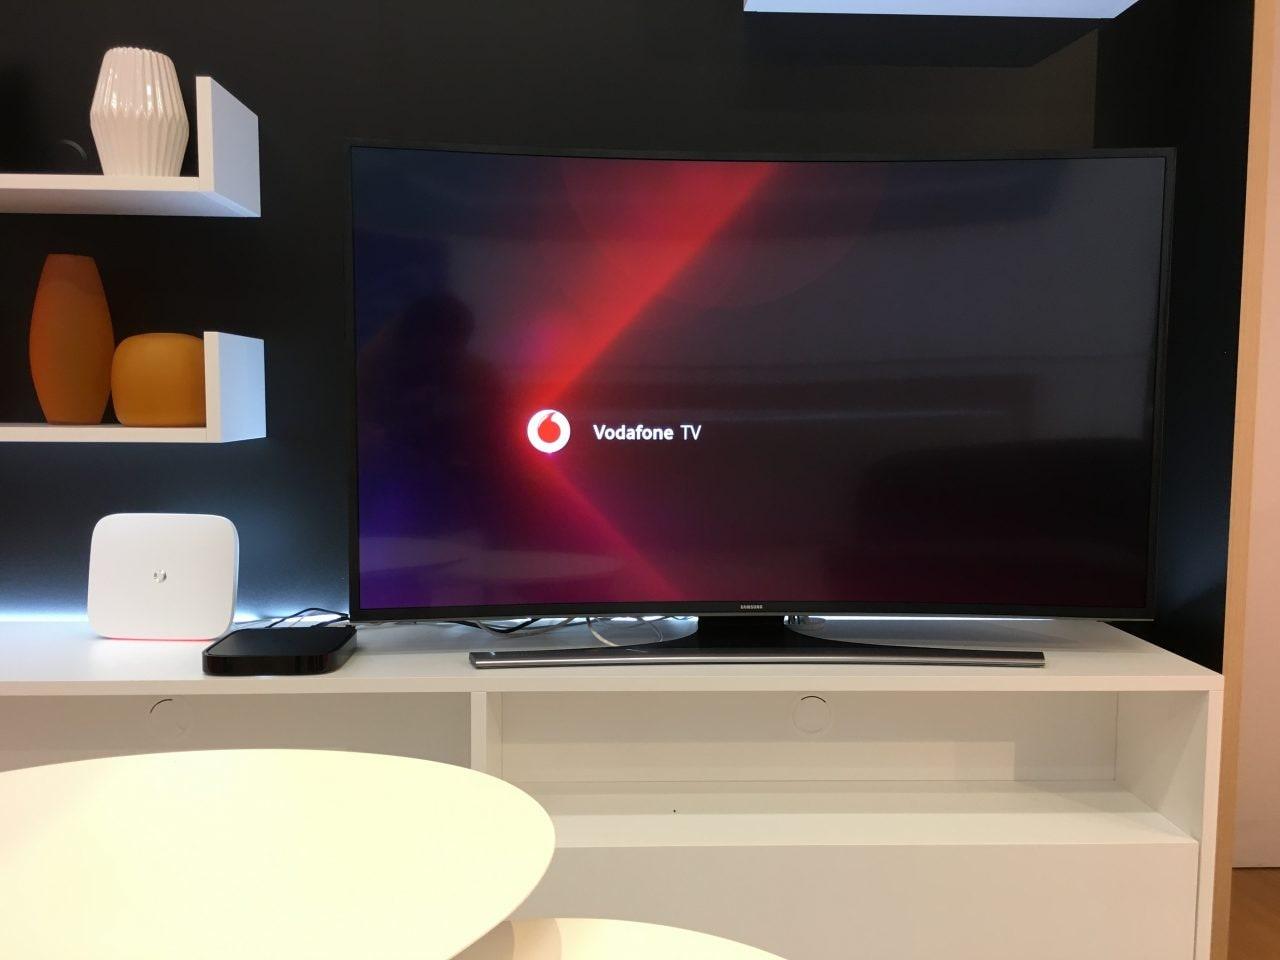 La Champions League sta per ricominciare e potrete seguirla anche su Vodafone TV: ecco quali partite